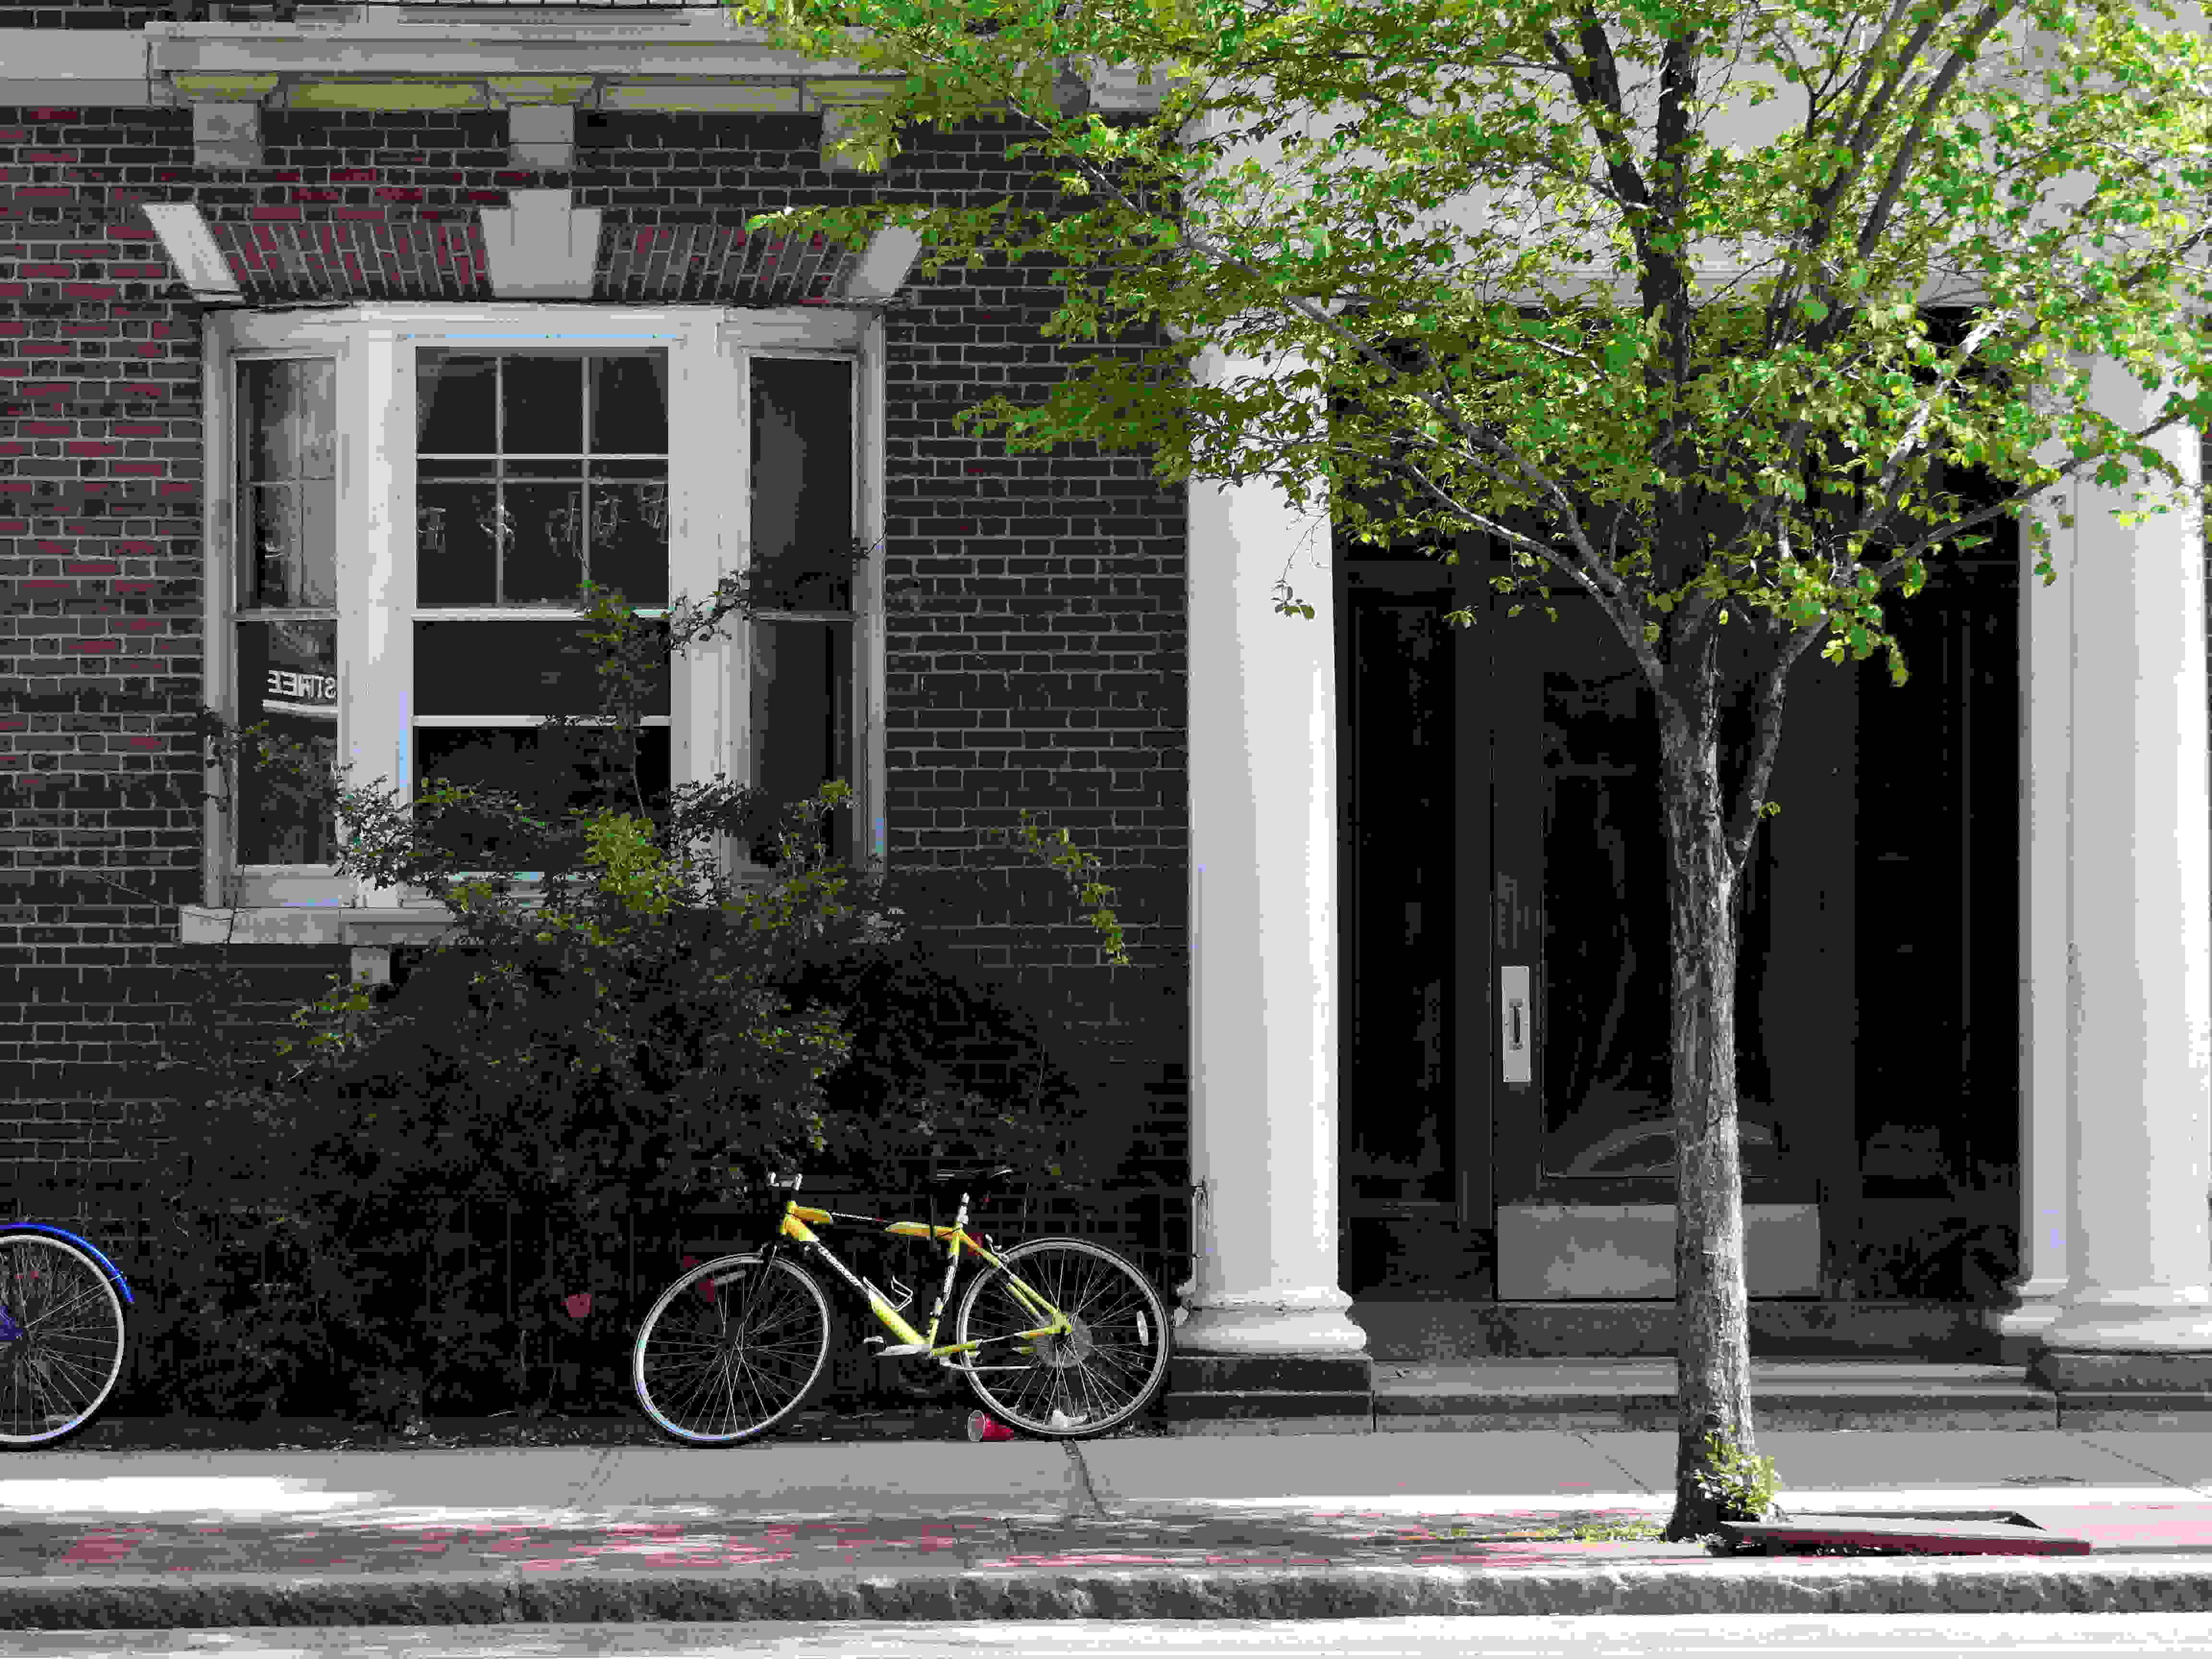 A sample photo taken by the Nikon Coolpix P600.